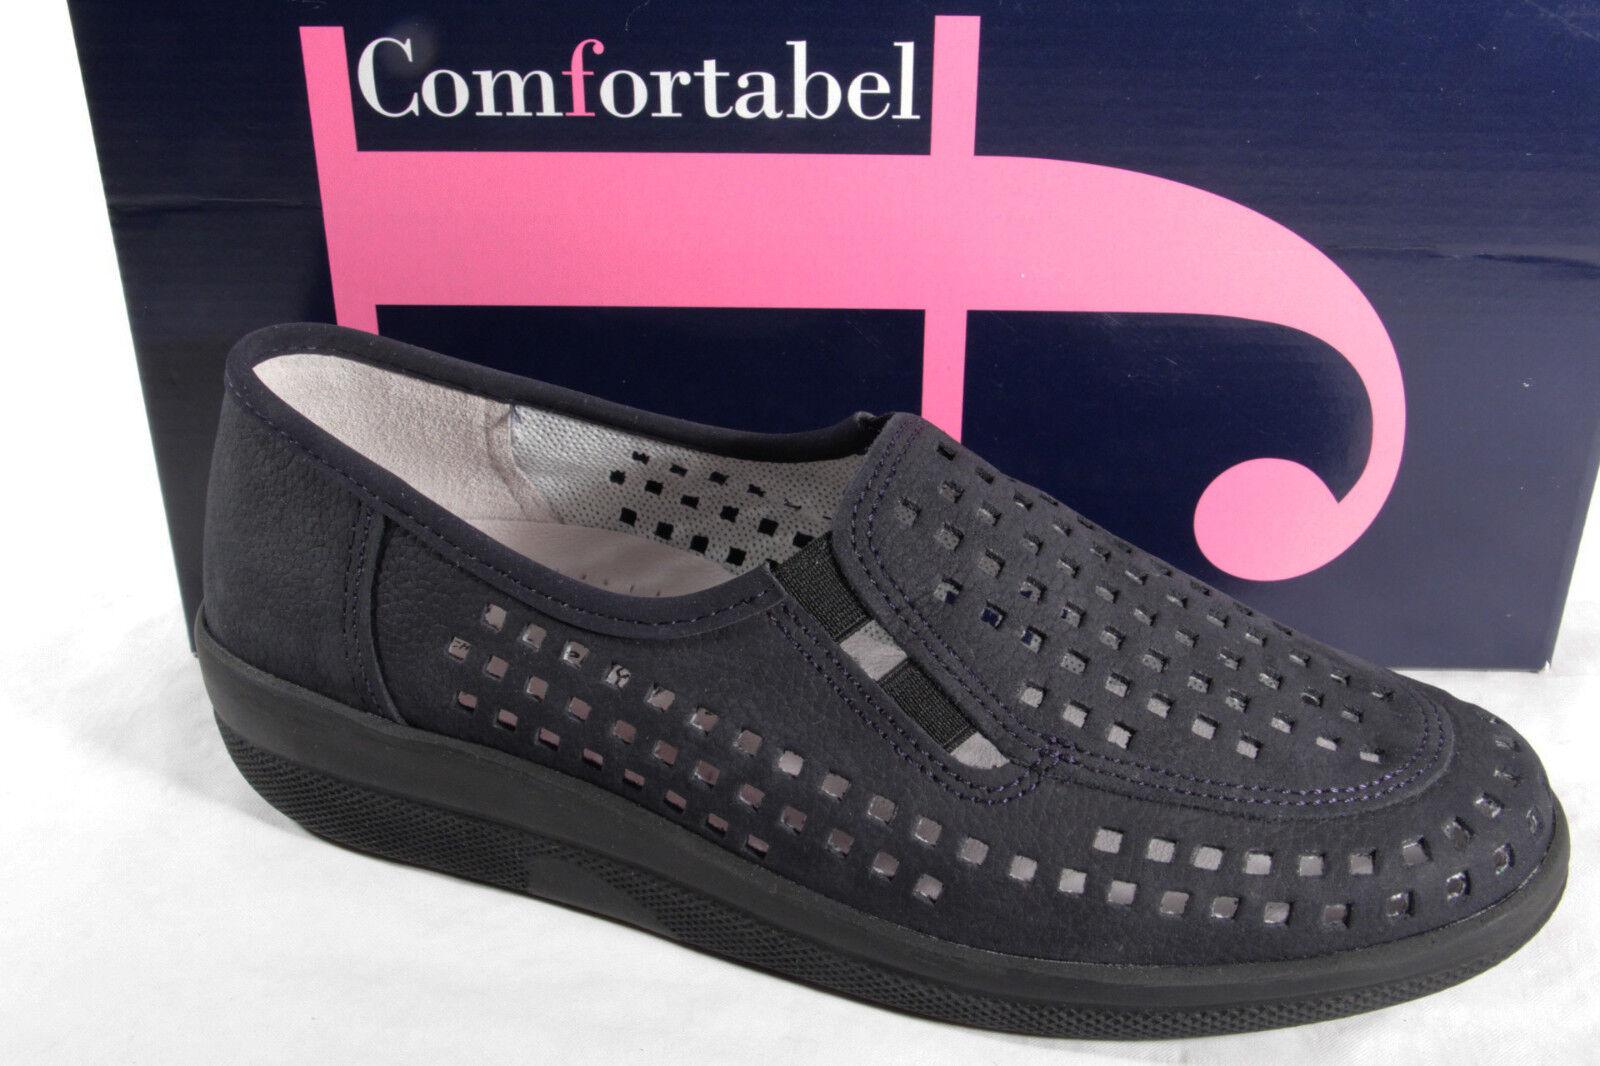 risparmiare fino all'80% Comfortabel Comfortabel Comfortabel Donna Mocassini Ballerina scarpe da ginnastica, Scarpe Basse pelle Blu Nuovo  liquidazione fino al 70%